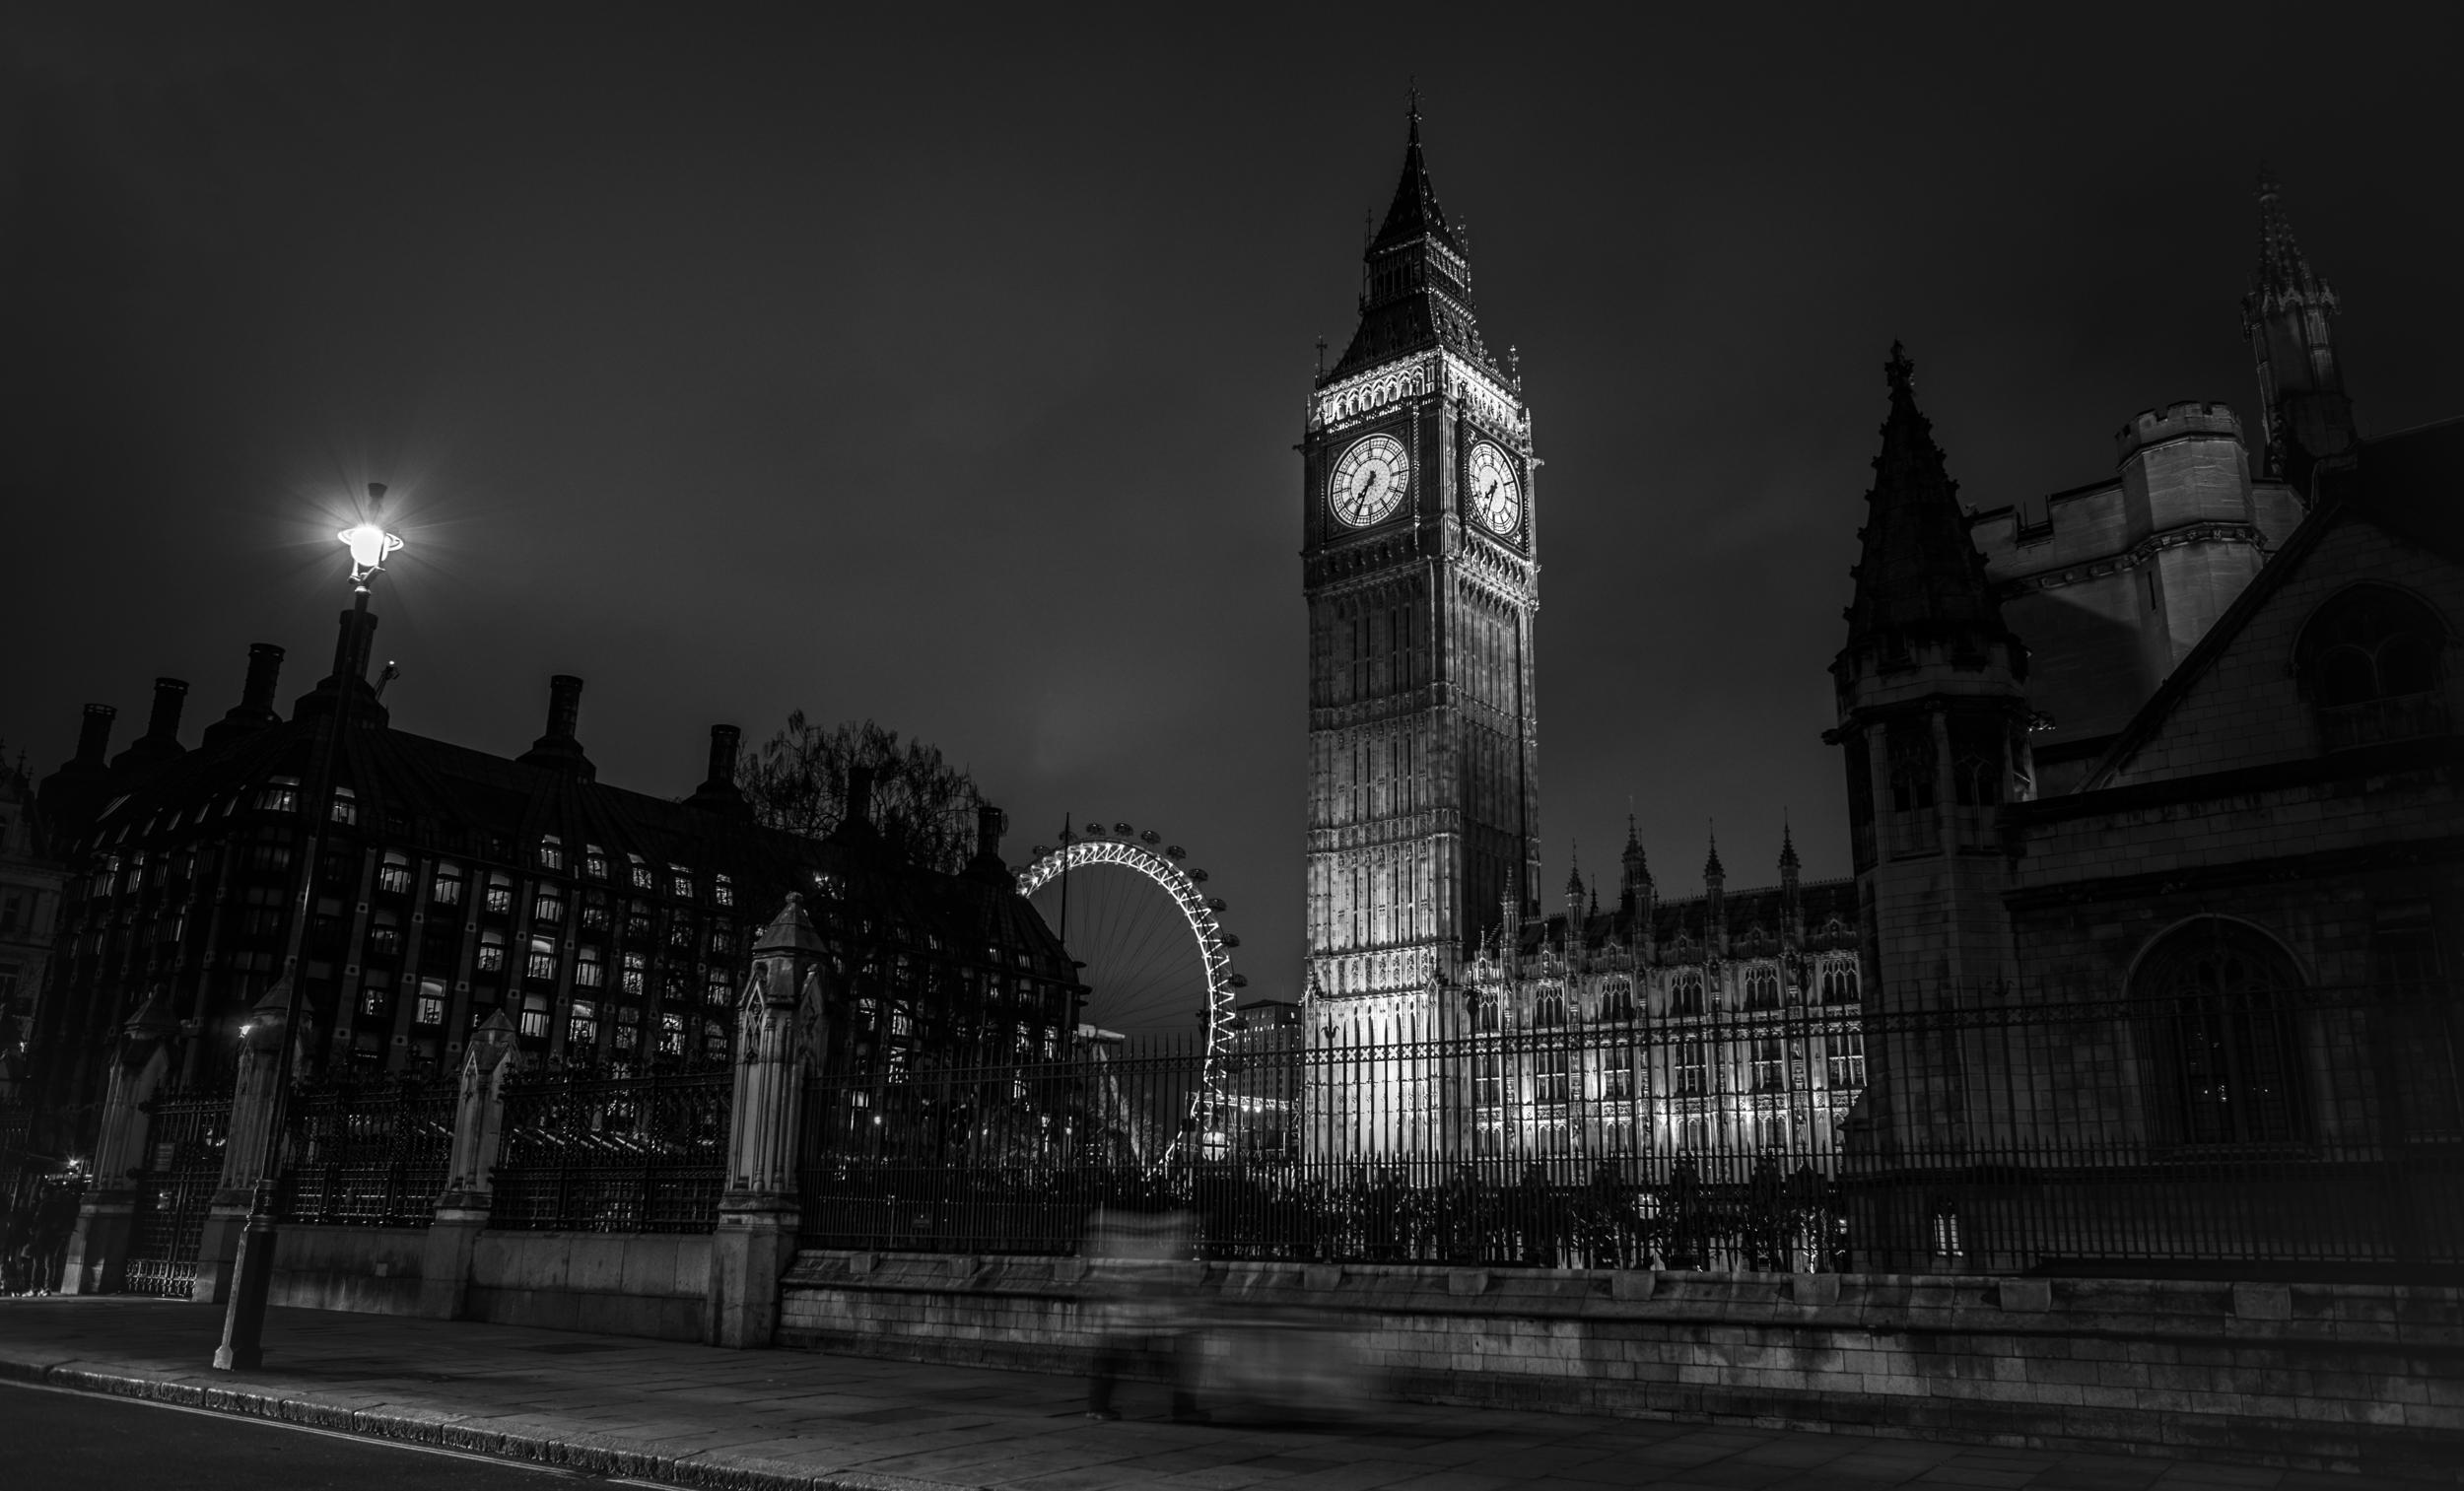 Elizabeth Tower, London - England